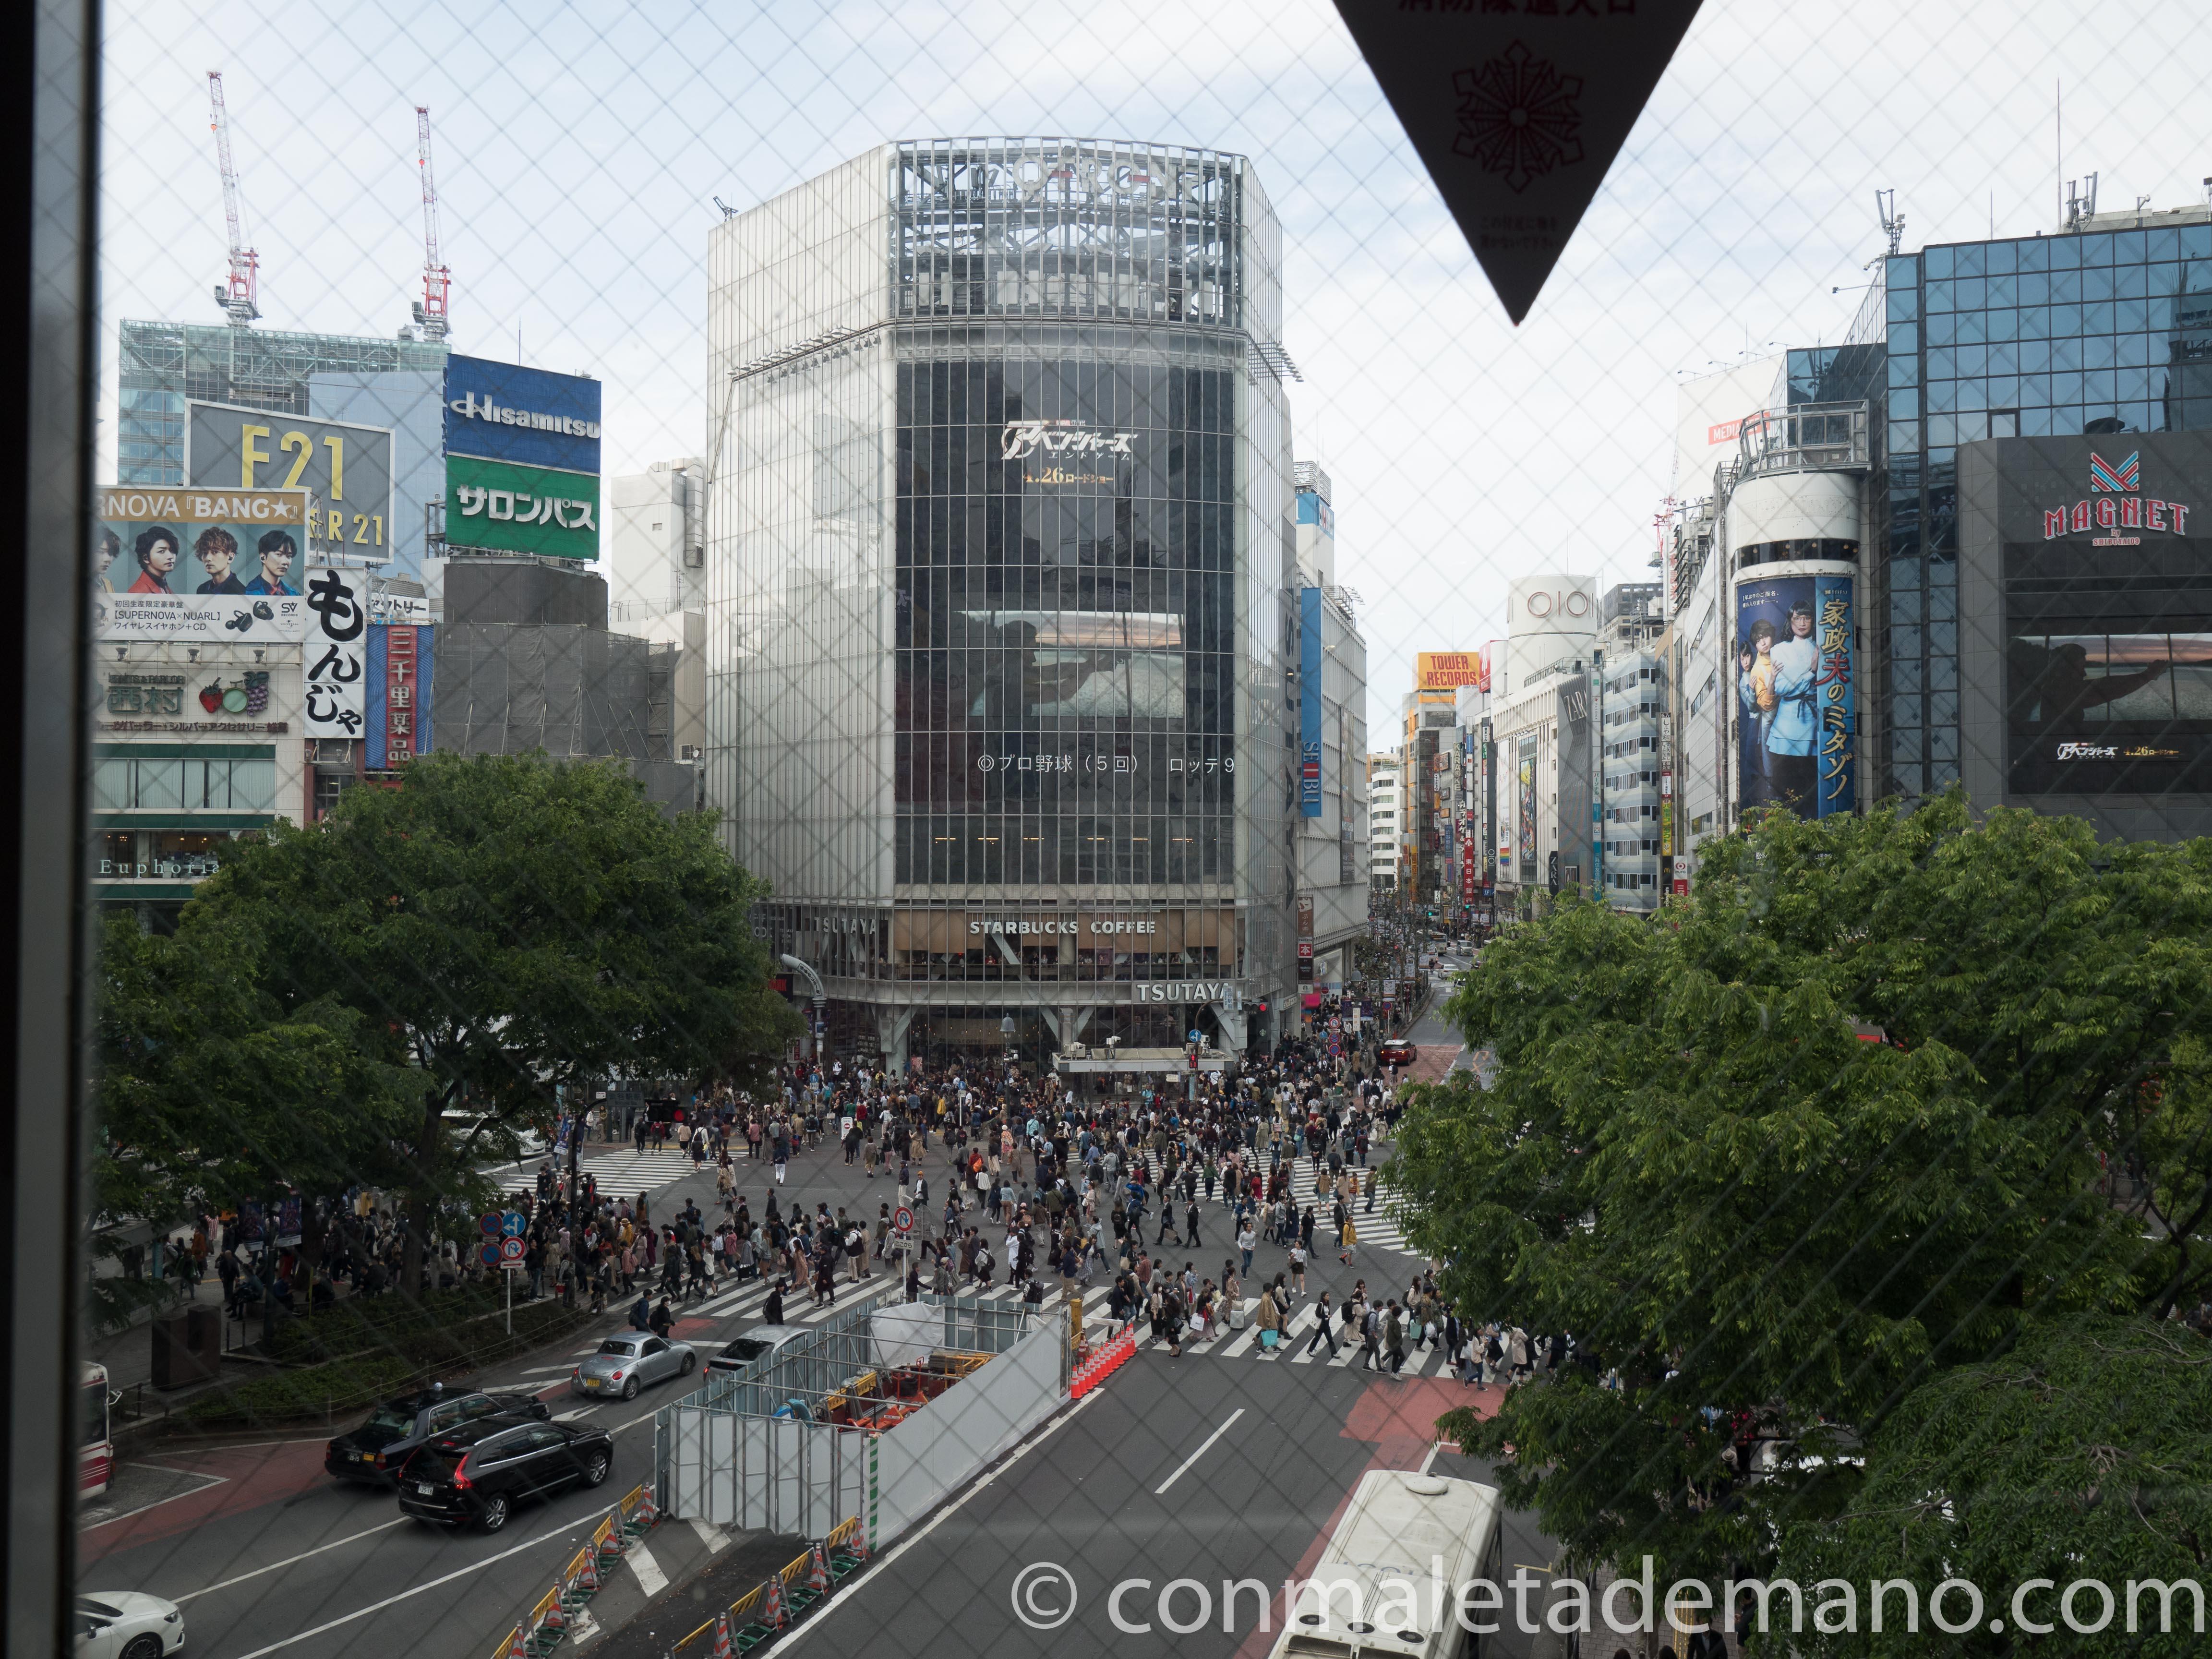 Vistas del cruce de Shibuya desde la estación